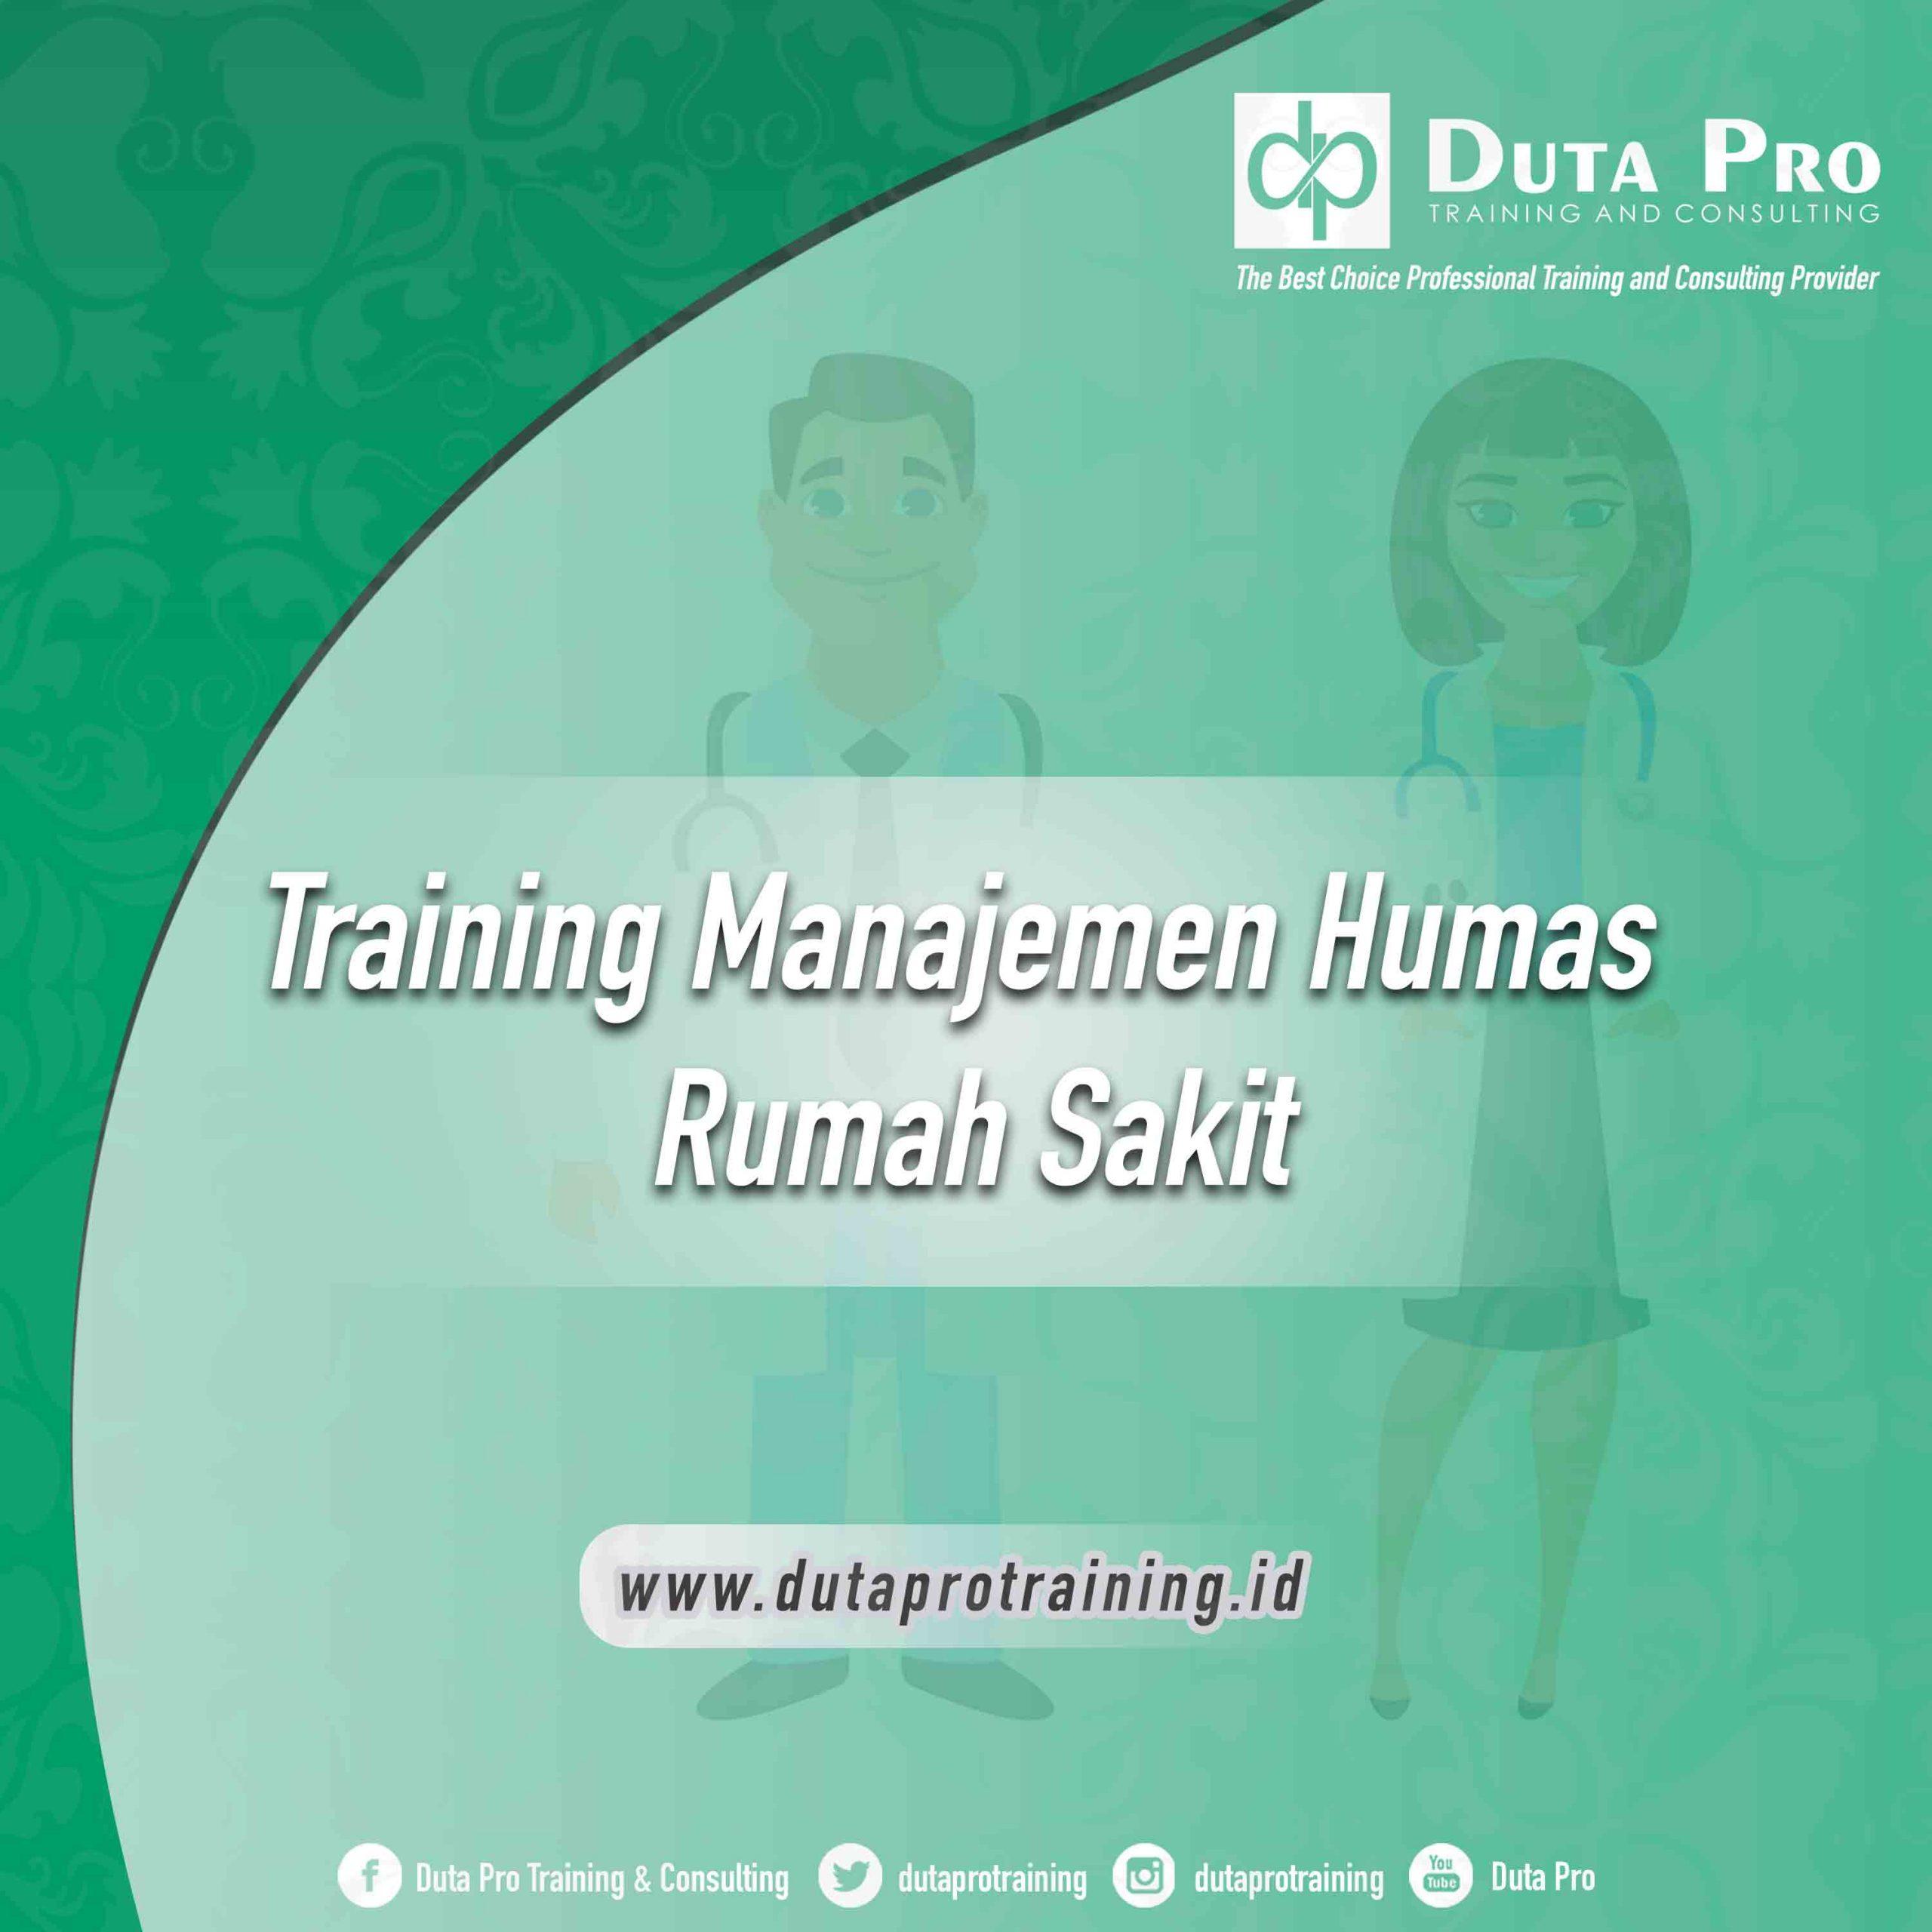 Manajemen Humas (Public Relations) Rumah Sakit